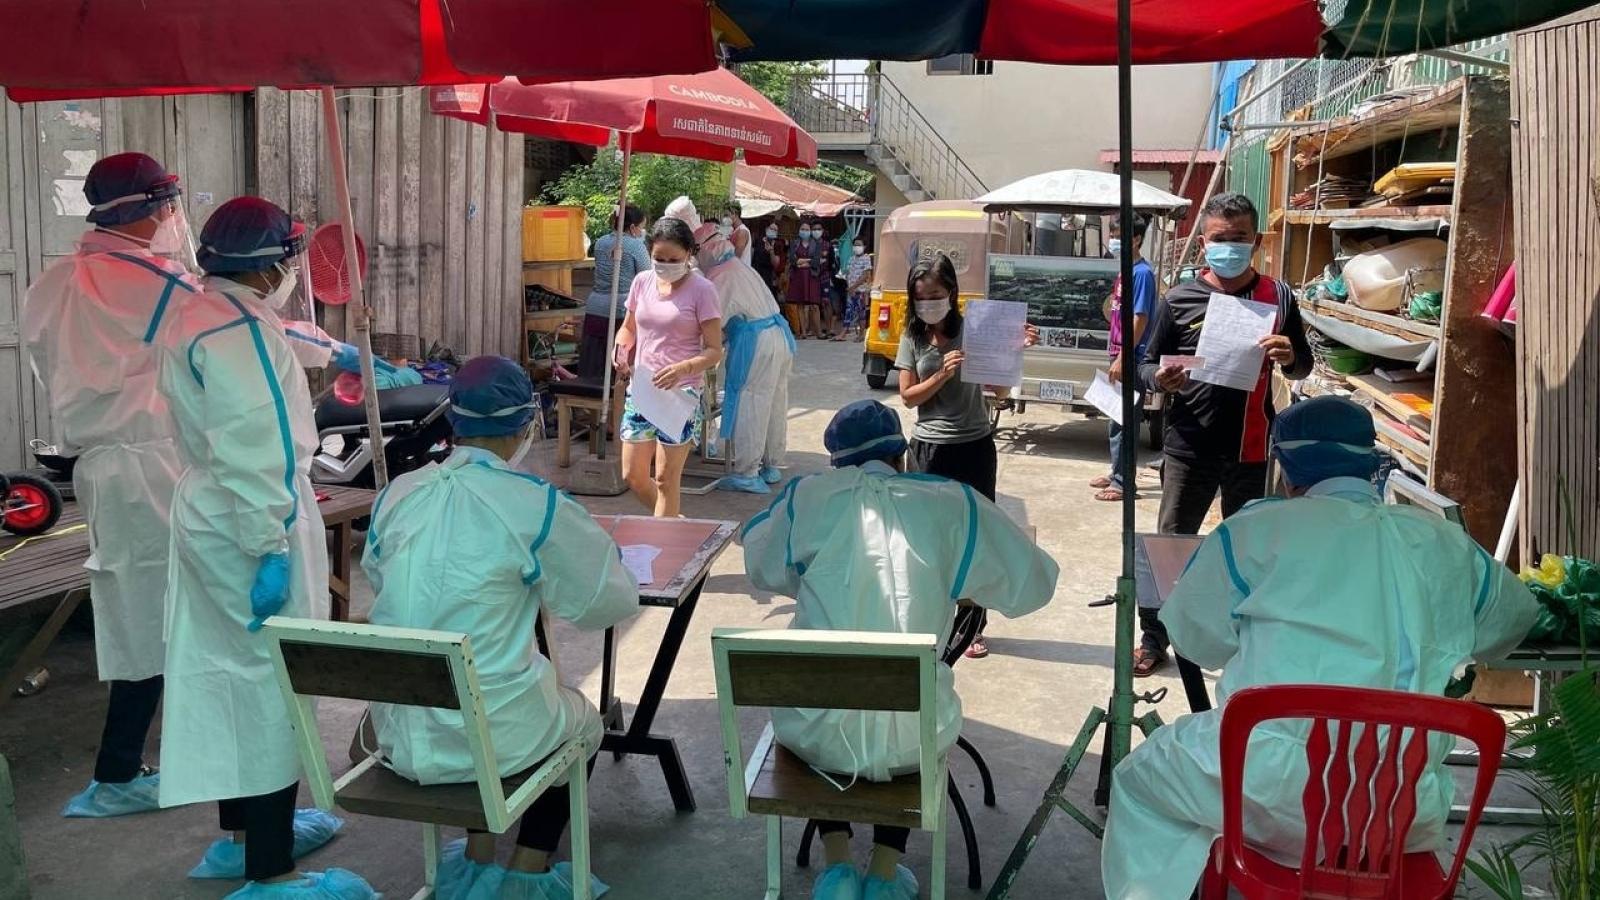 Campuchia tiếp tục ghi nhận số ca mắc mới Covid-19 cao chưa từng có